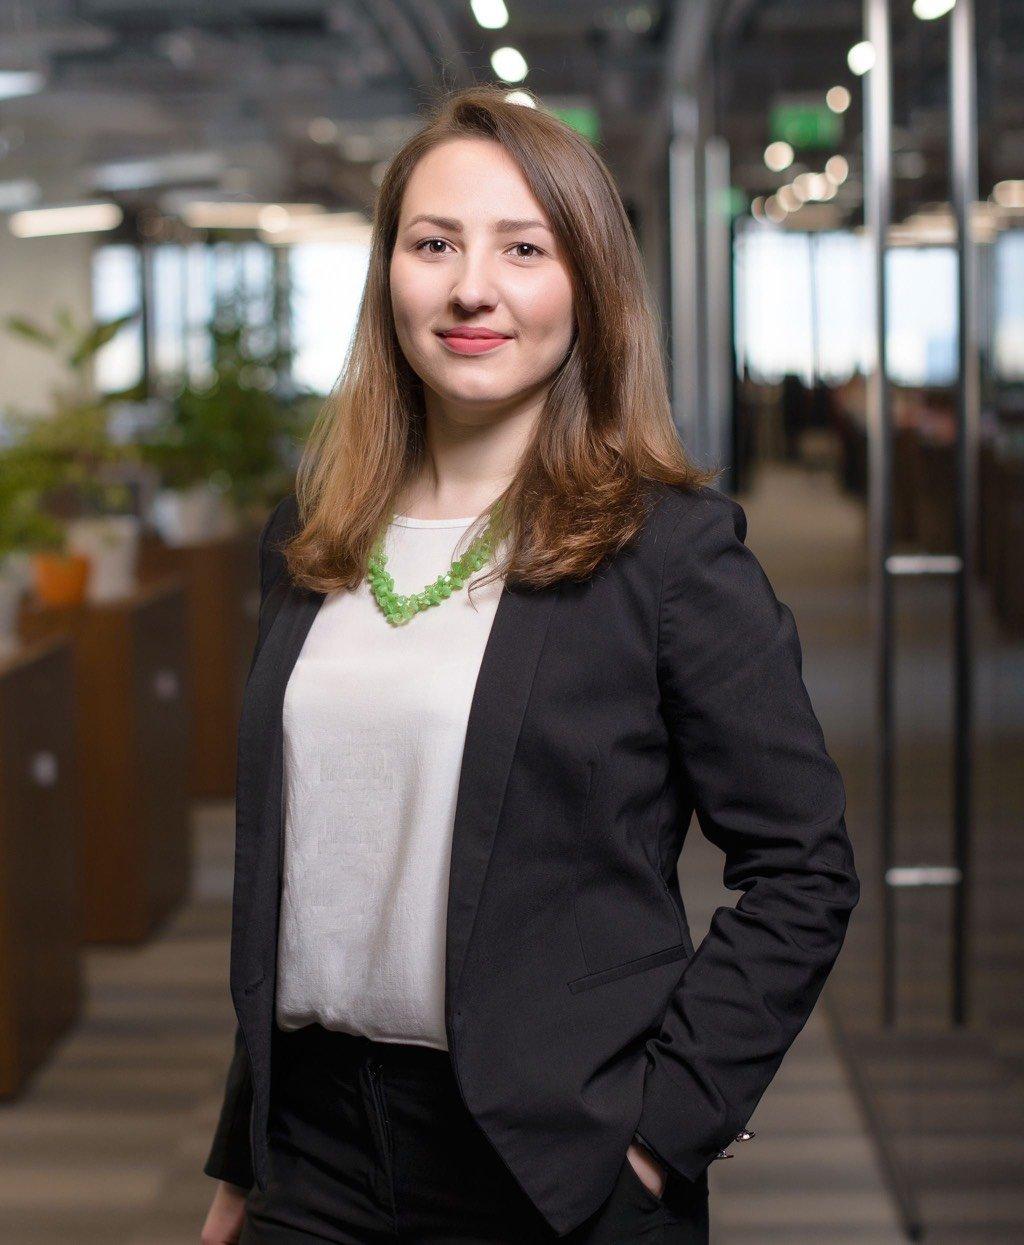 The speaker Tetiana Slabko,'s profile image